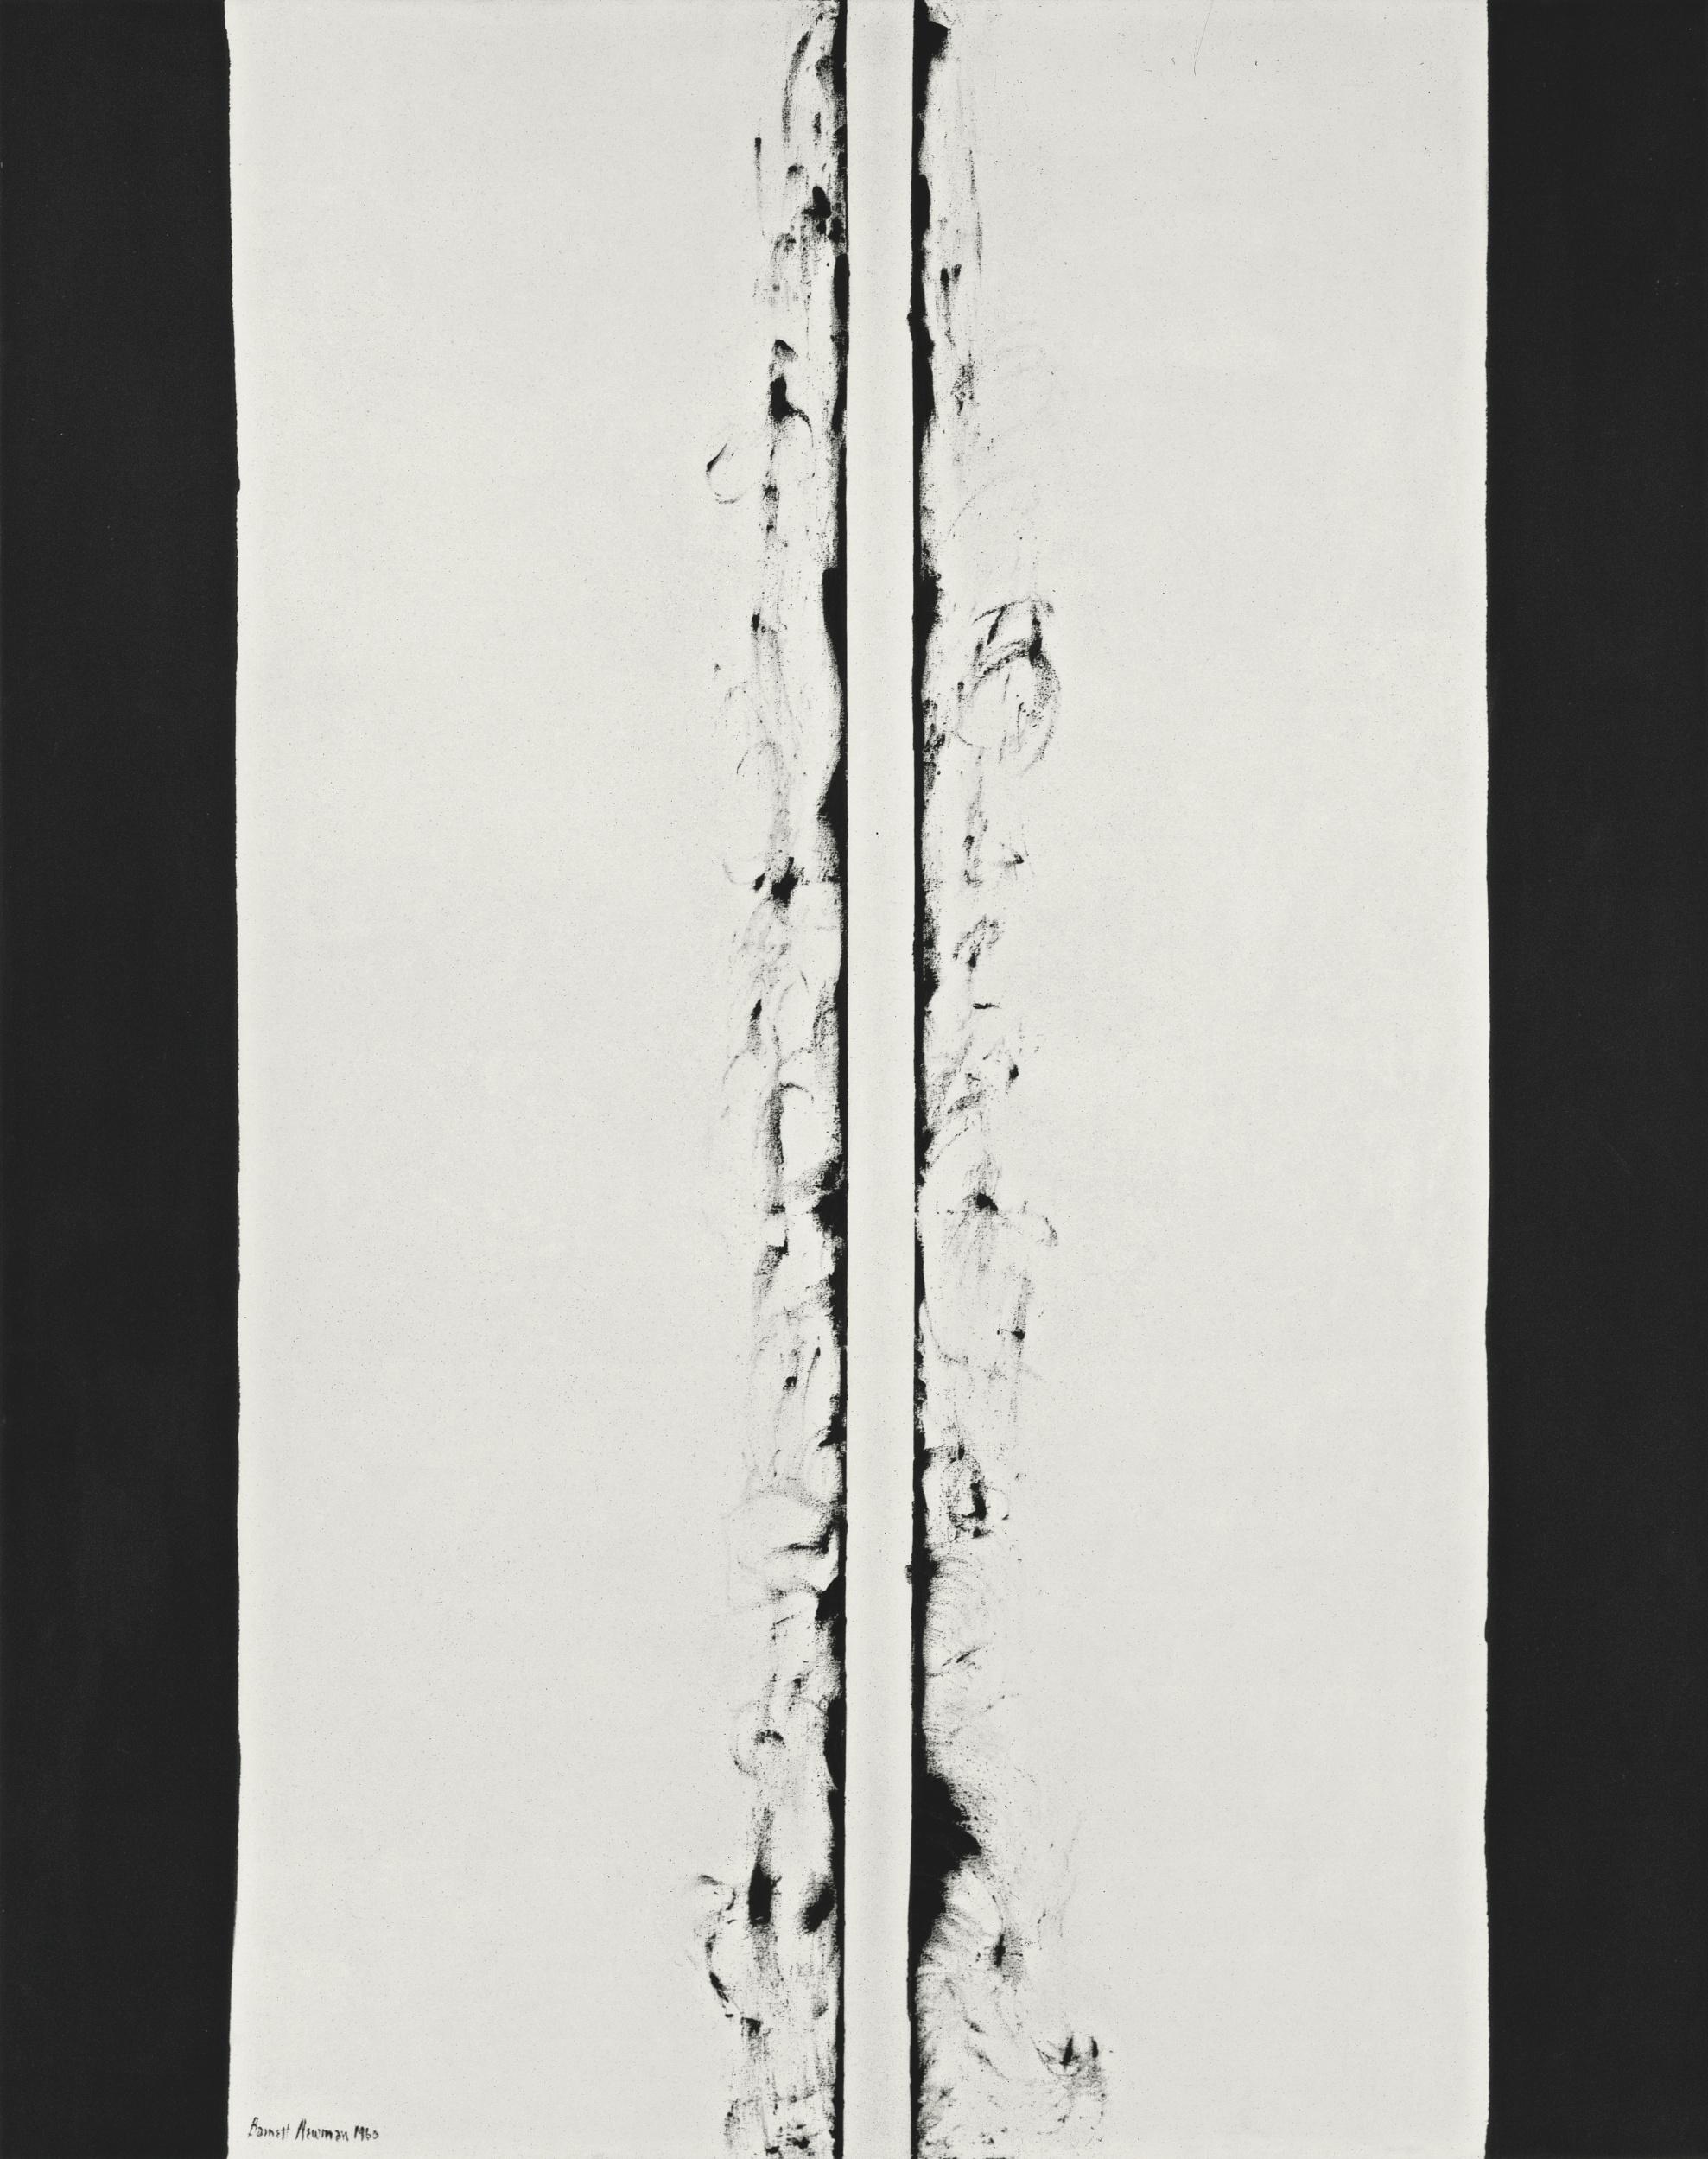 Barnett Newman, White Fire II, 1960. Kunstmuseum Basel